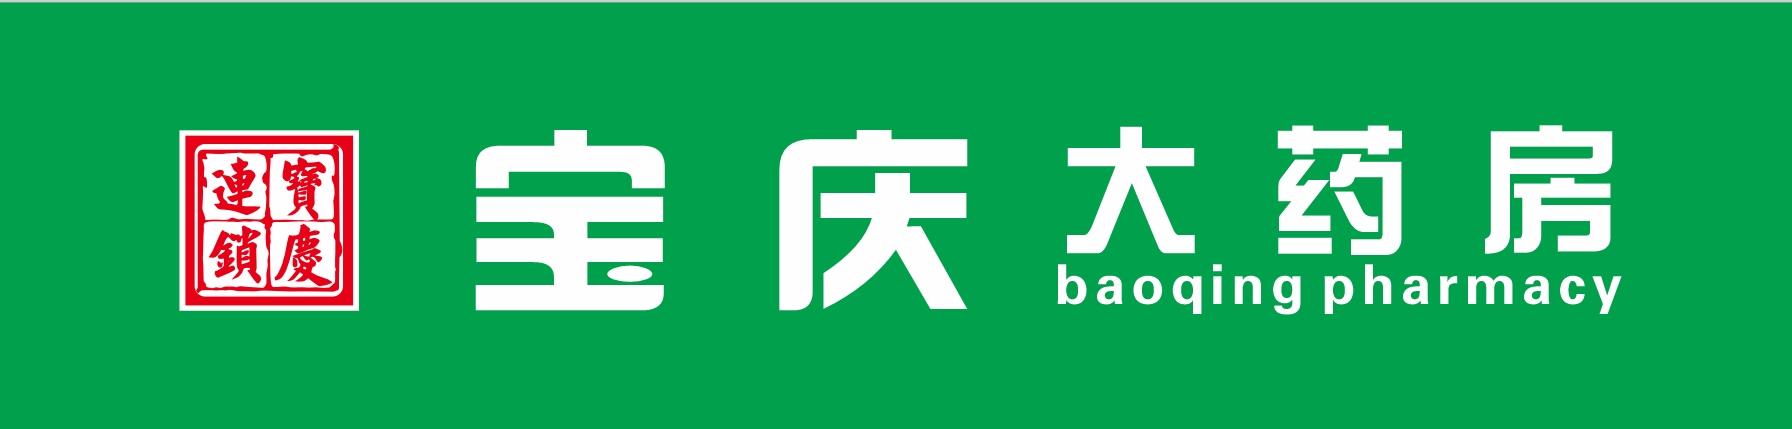 湖南宝庆医药有限公司-新邵招聘